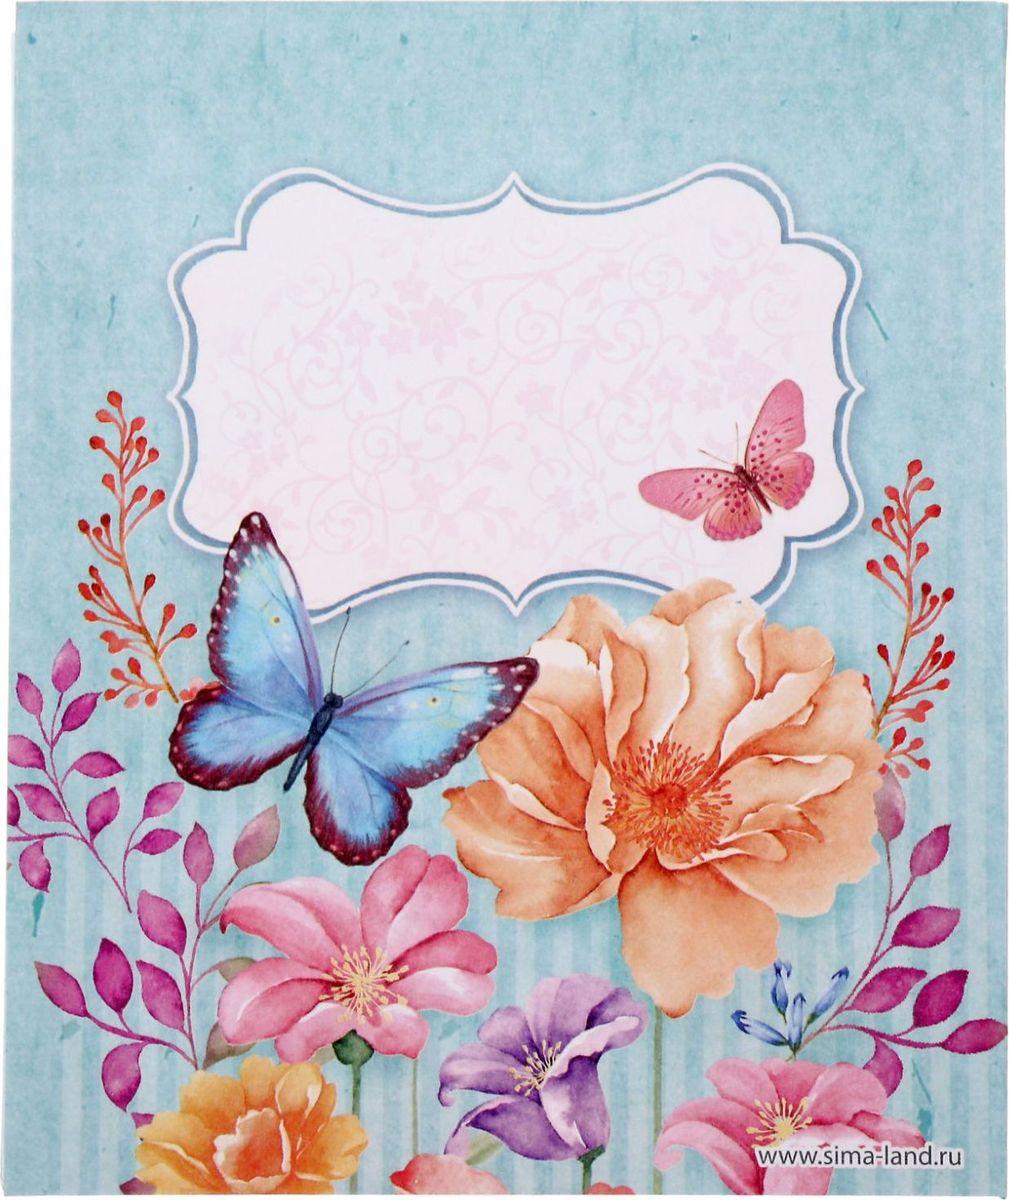 Конверт декоративный Цветочный, 13 х 15,5 см1348728Чудесный бумажный конвертик подойдёт для упаковки небольшого подарка или сувенира. Он послужит прекрасным оформлением для сладостей, чая, кофе или бижутерии. На нём есть место для тёплых слов и пожеланий, имени адресата или отправителя.